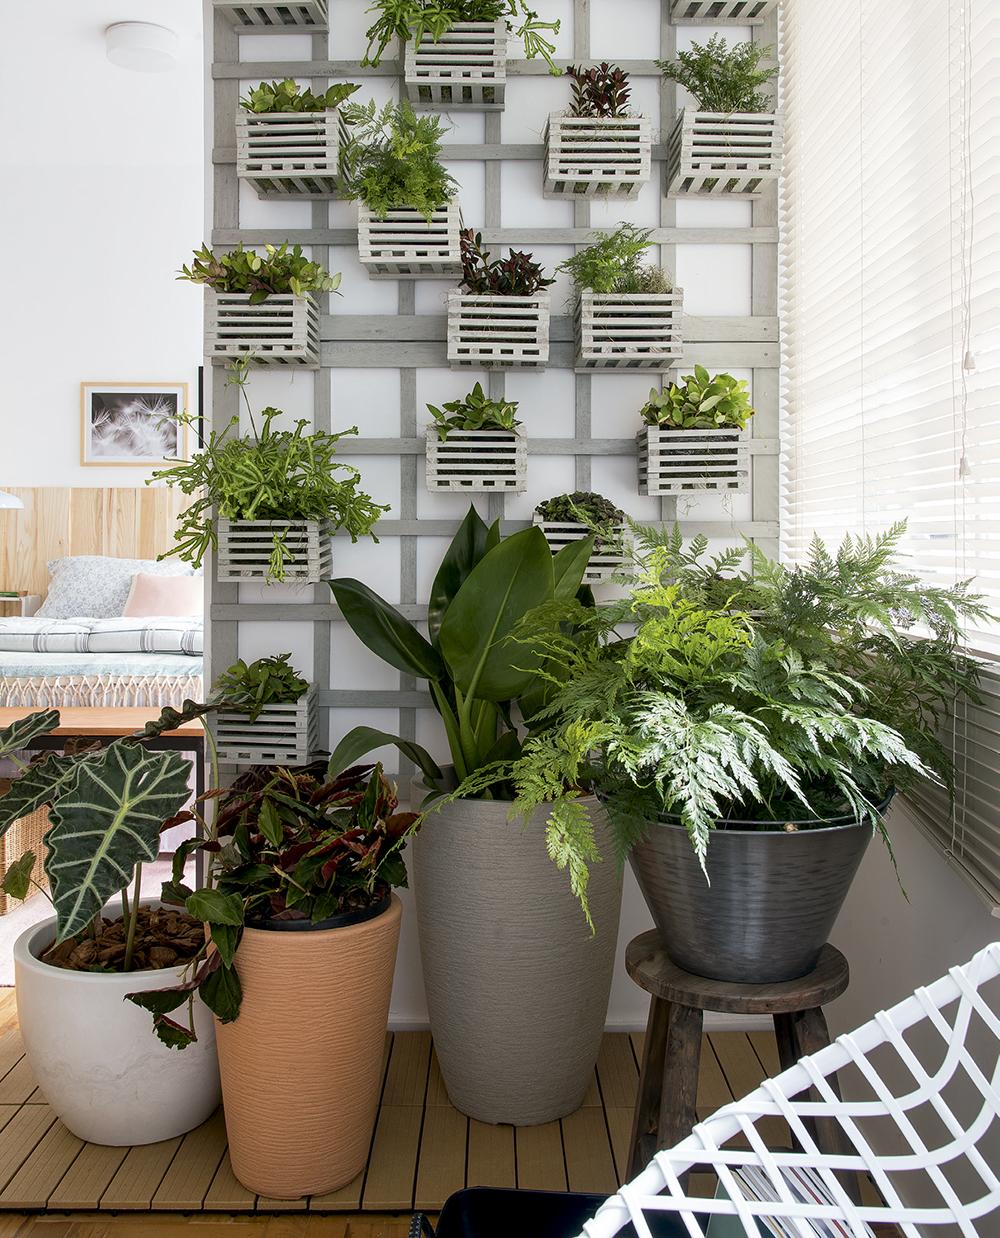 achados-de-home-centers-foto-04-jardim-vertical